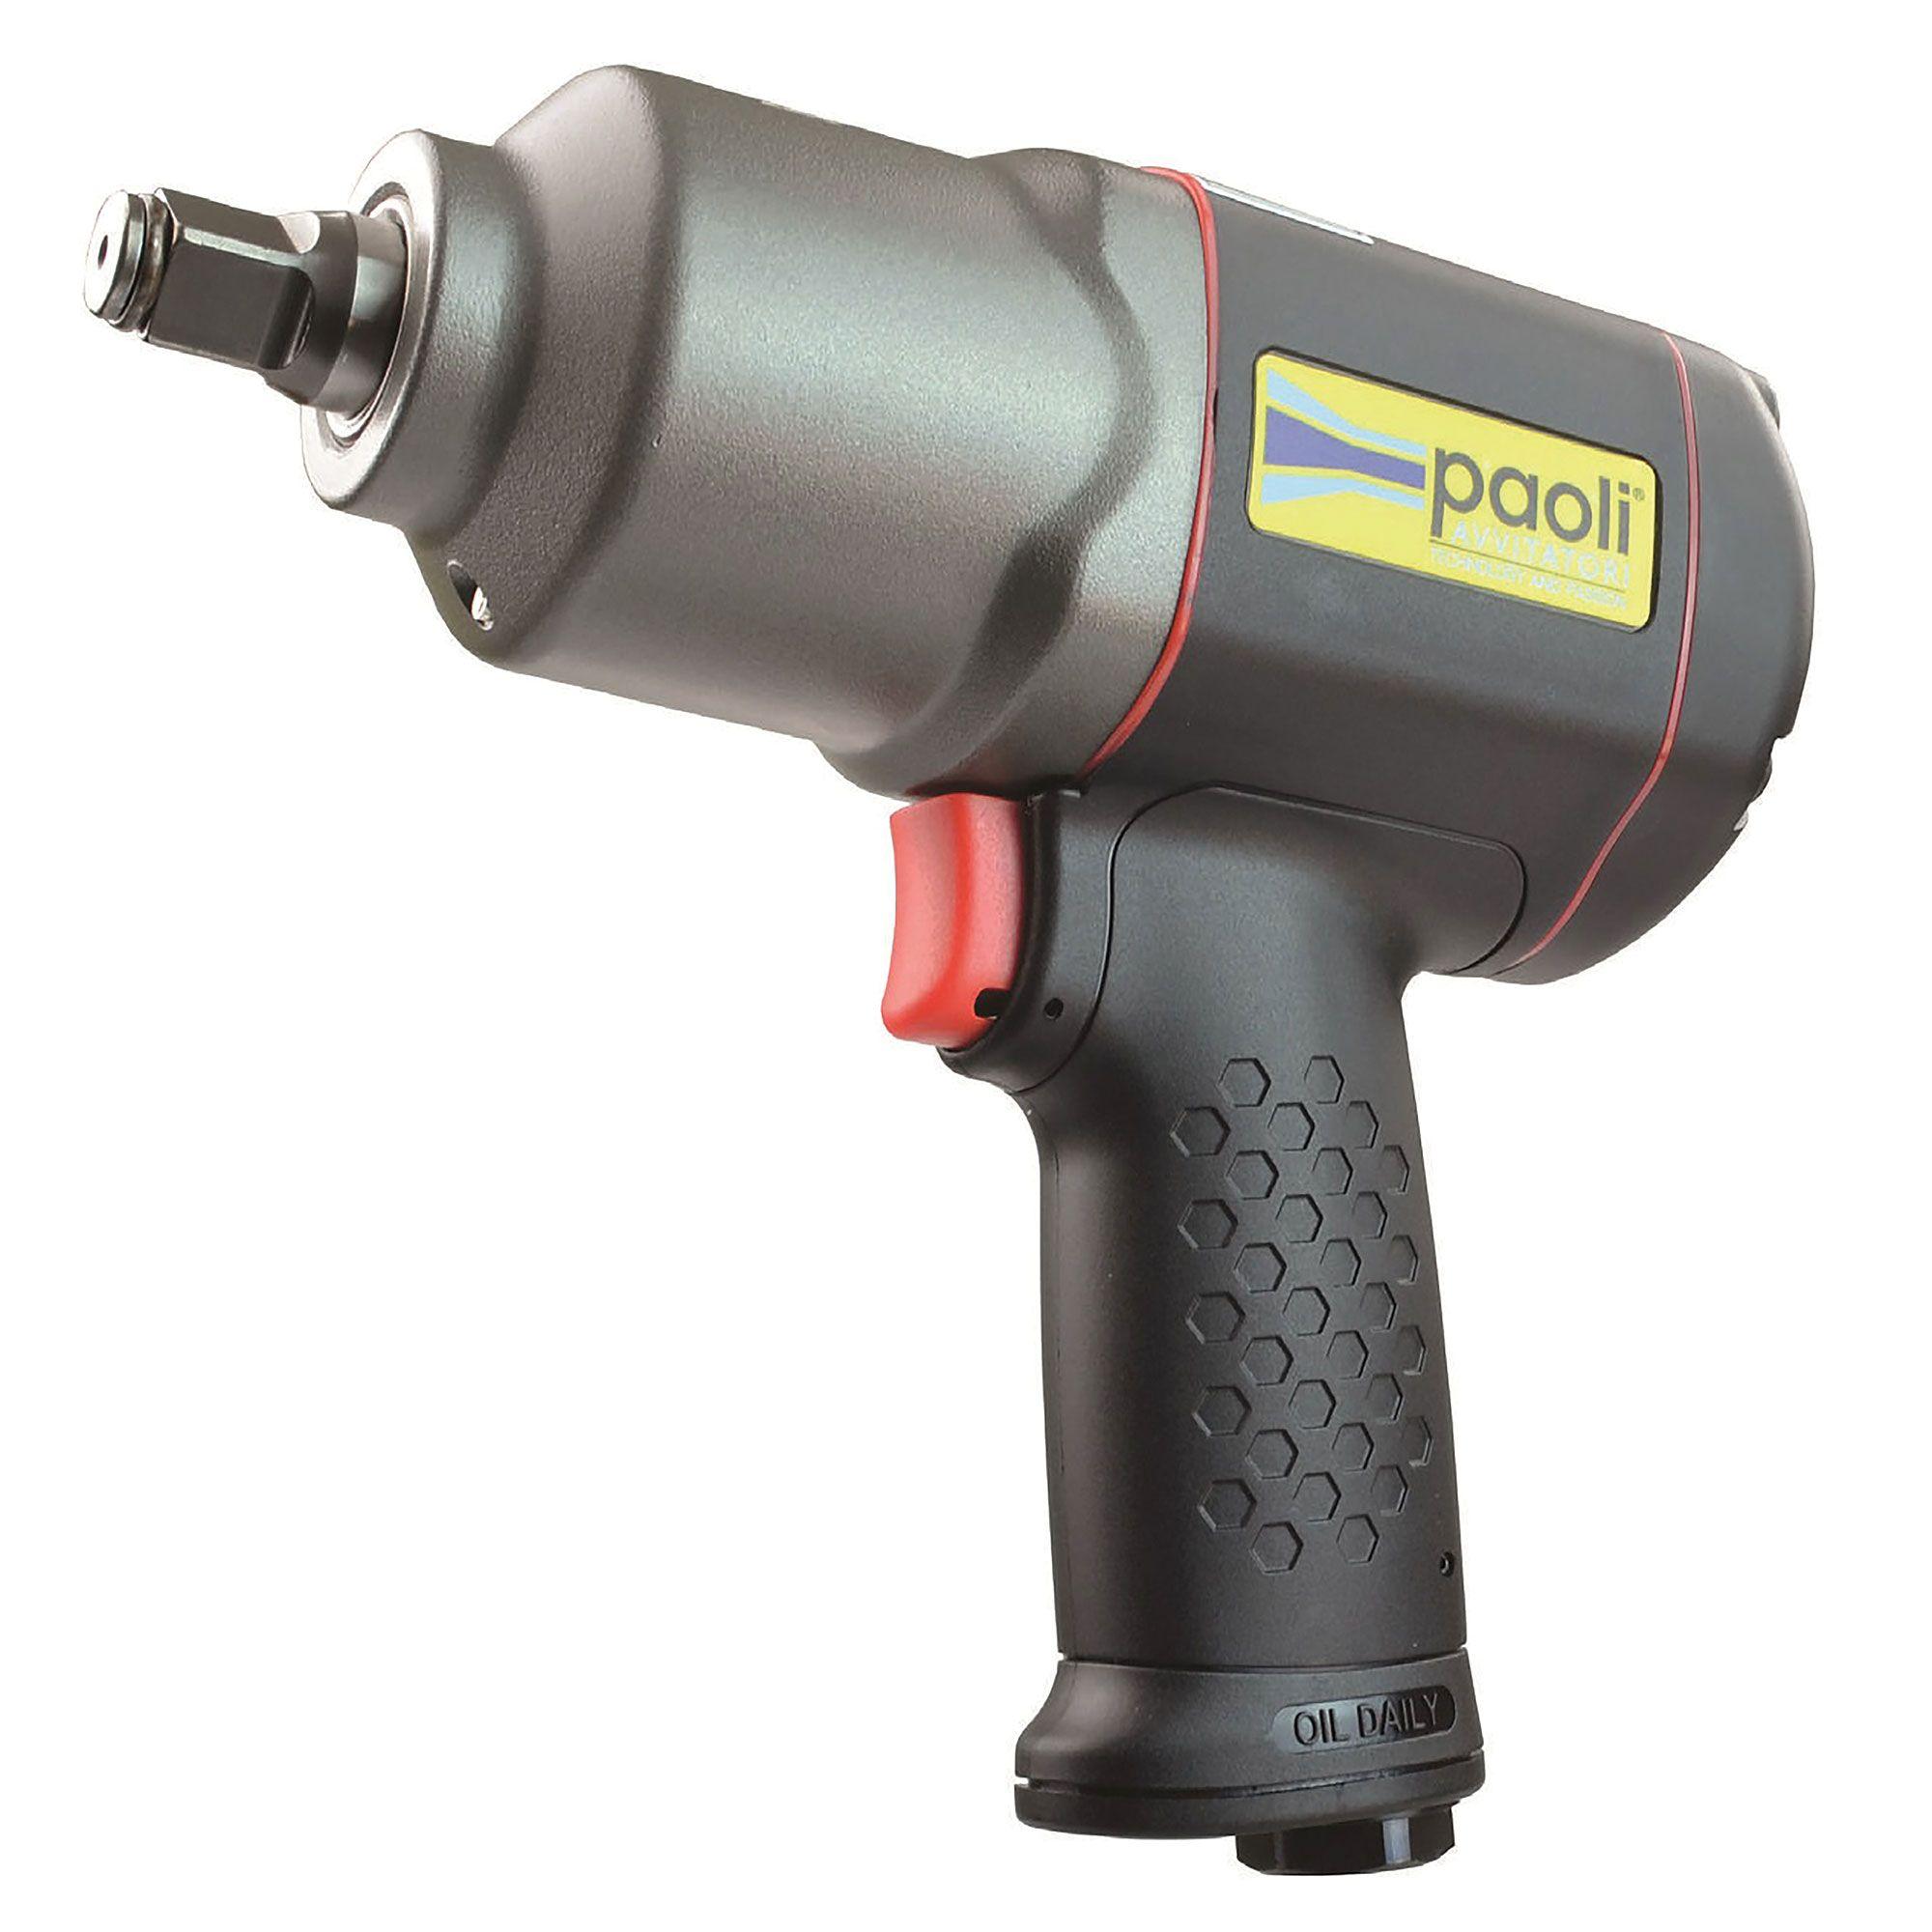 Paoli Pit Stop Car Garage DP1800 Light Duty Impact Gun